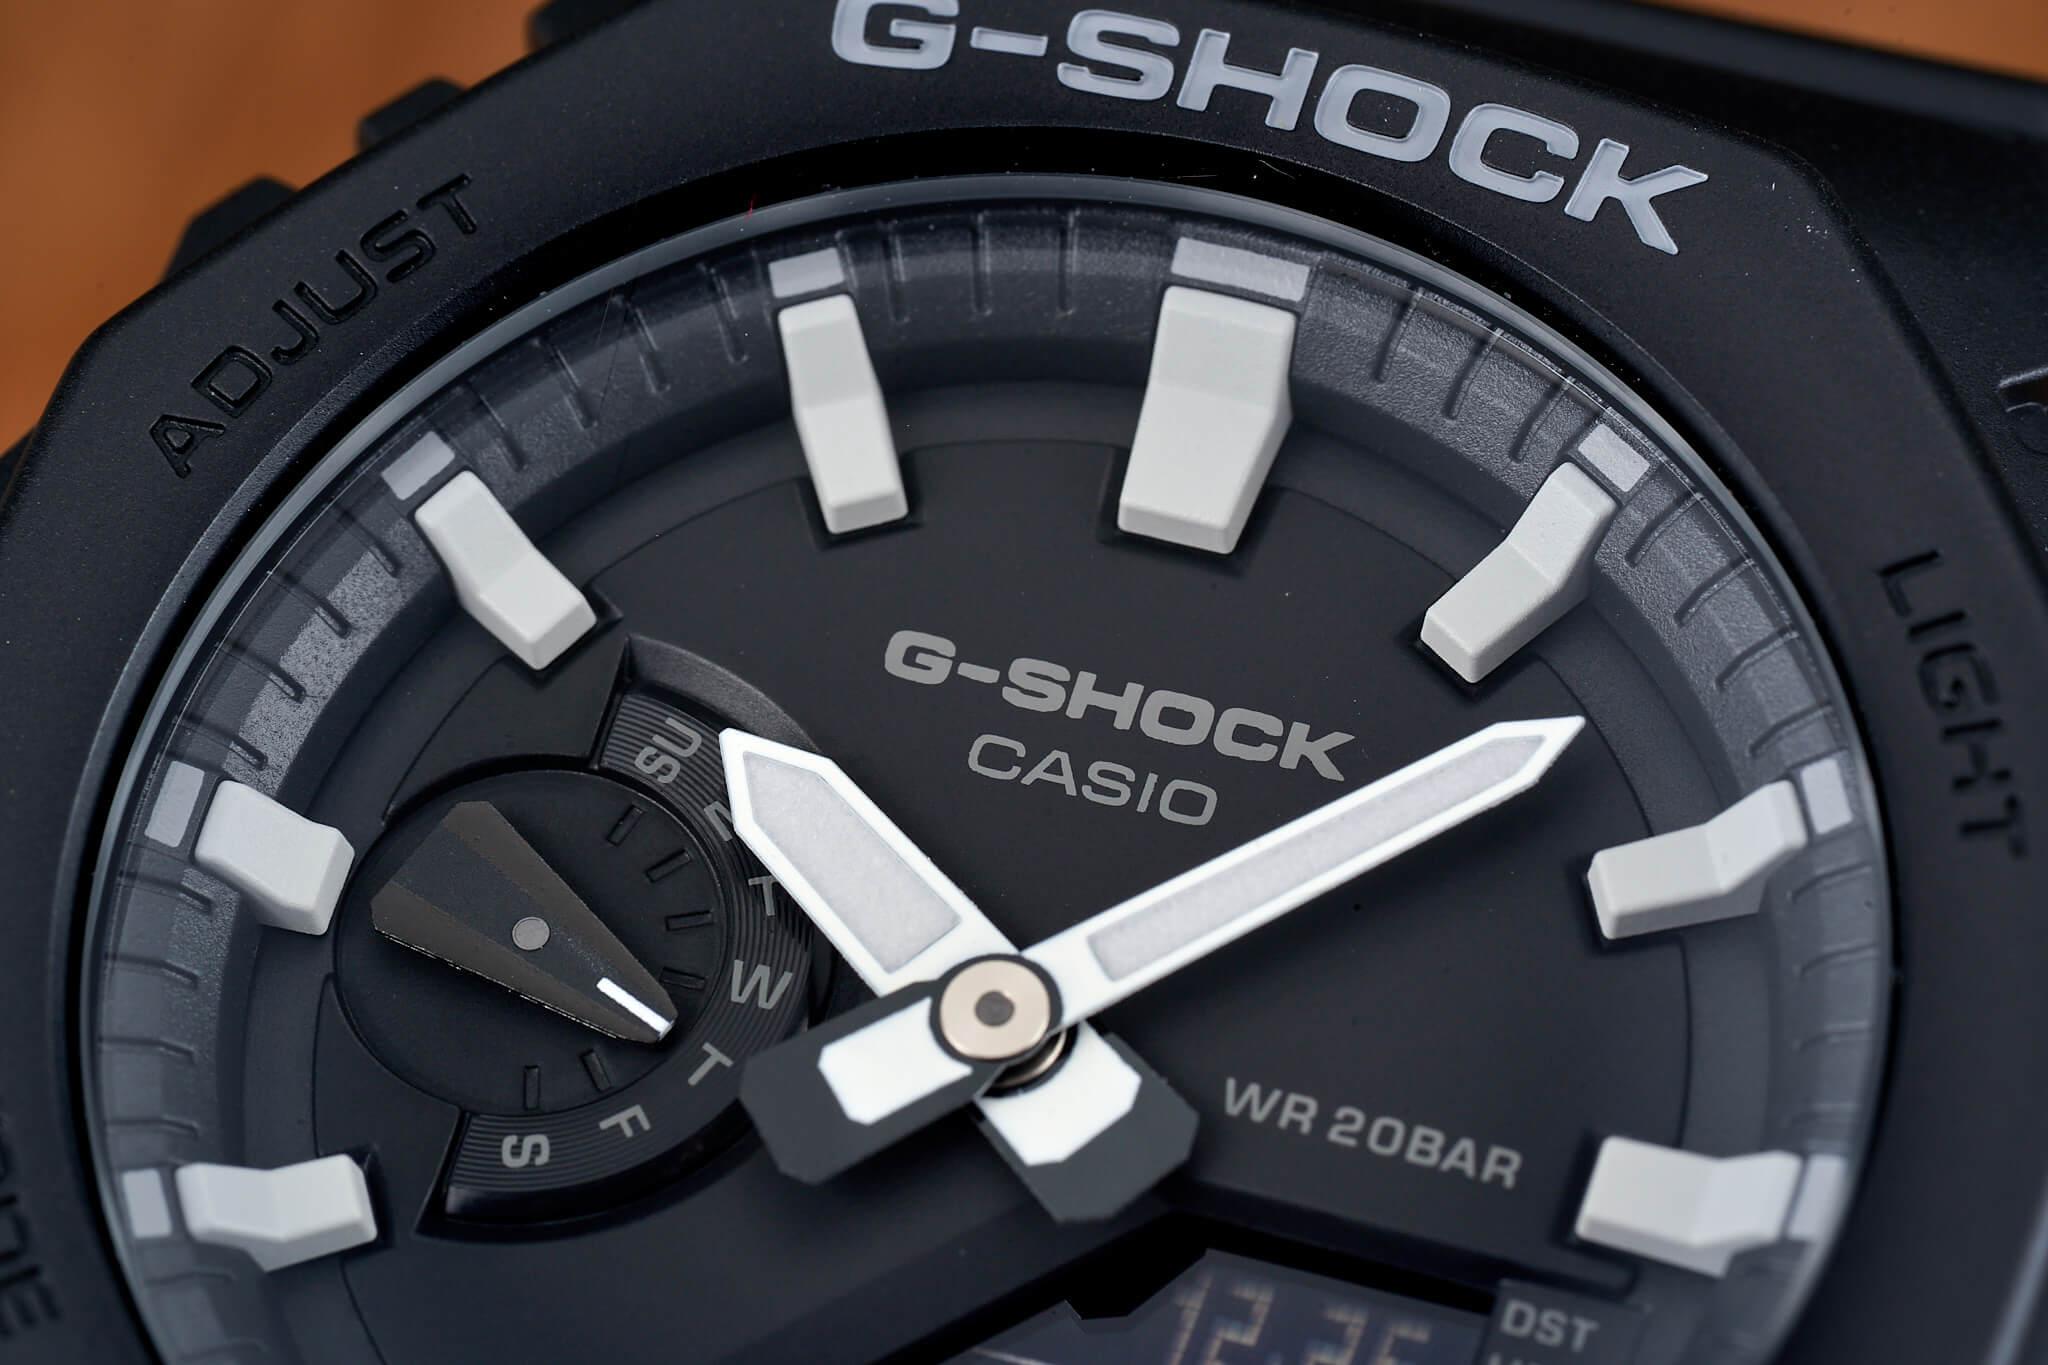 Casio-Gshock-GA2100-Casioak-1